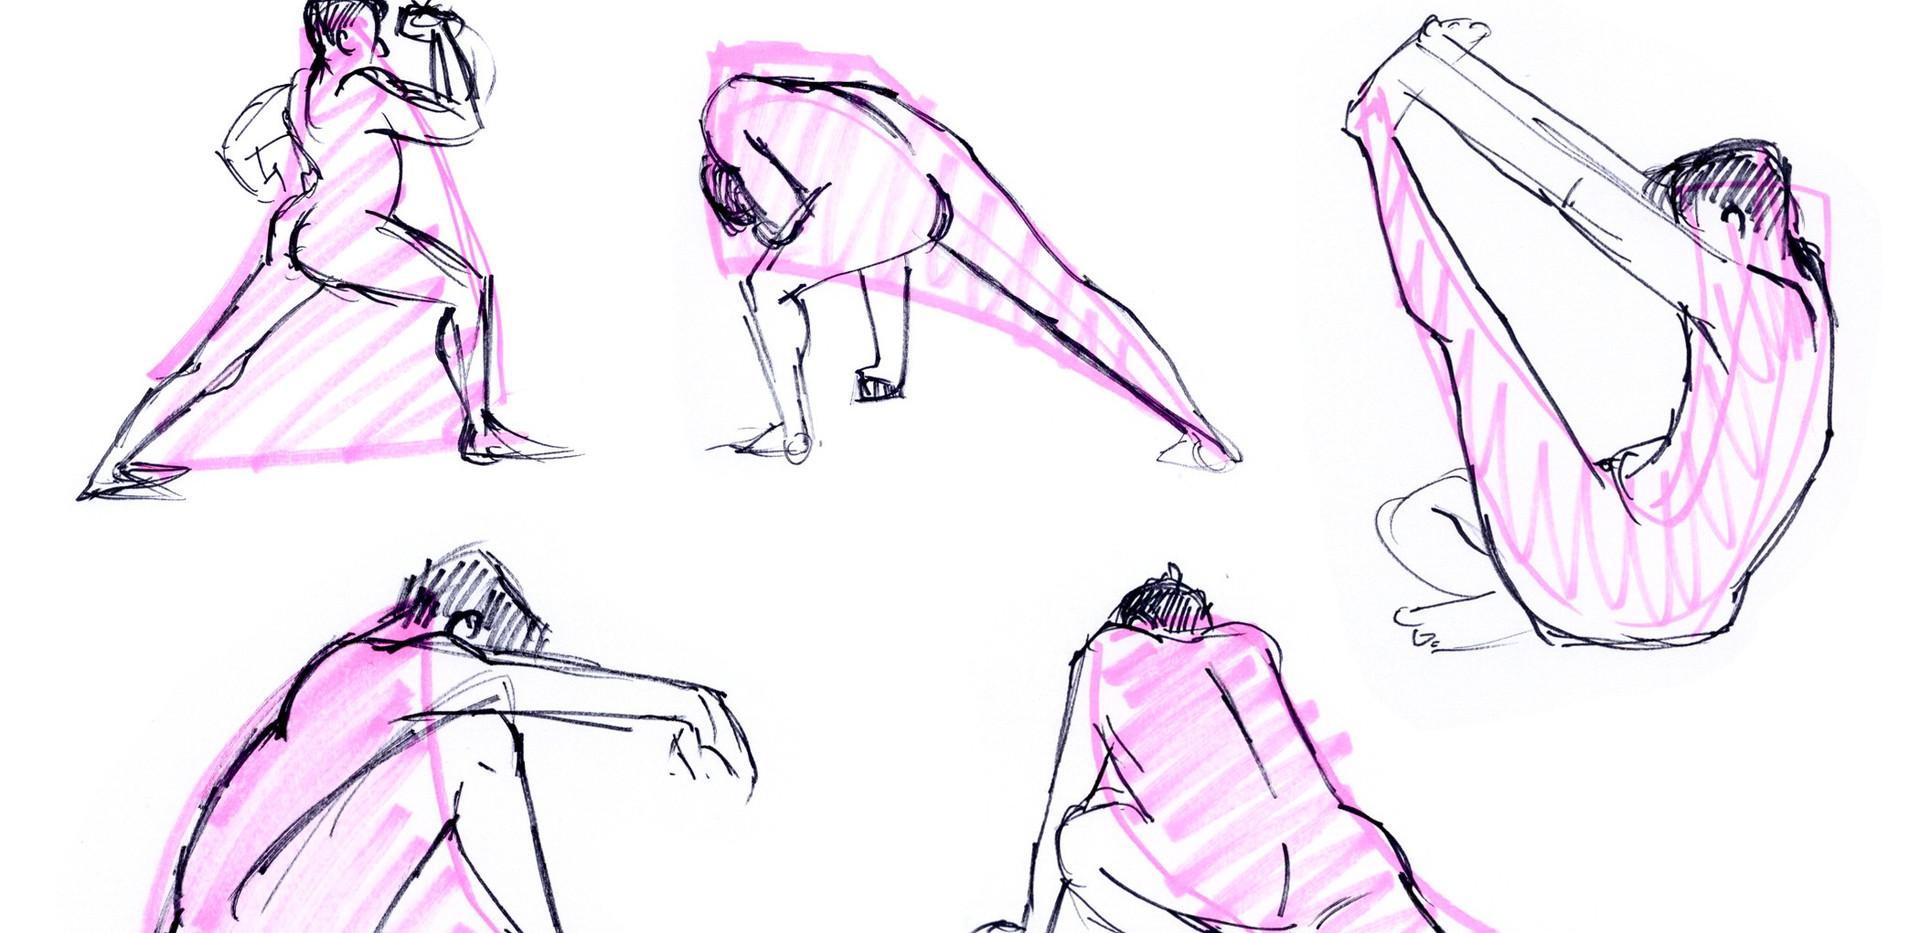 sketchslides_gestures2_edited.jpg